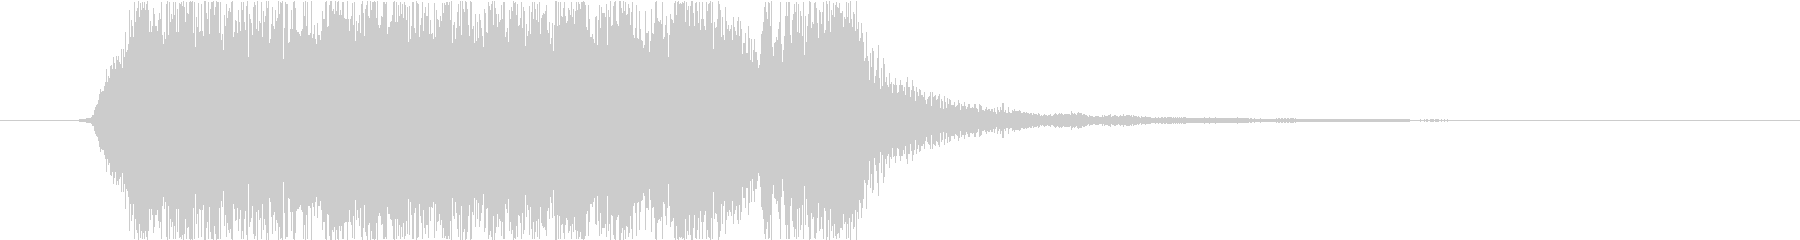 勝利、ハイスコアのファンファーレの未再生の波形